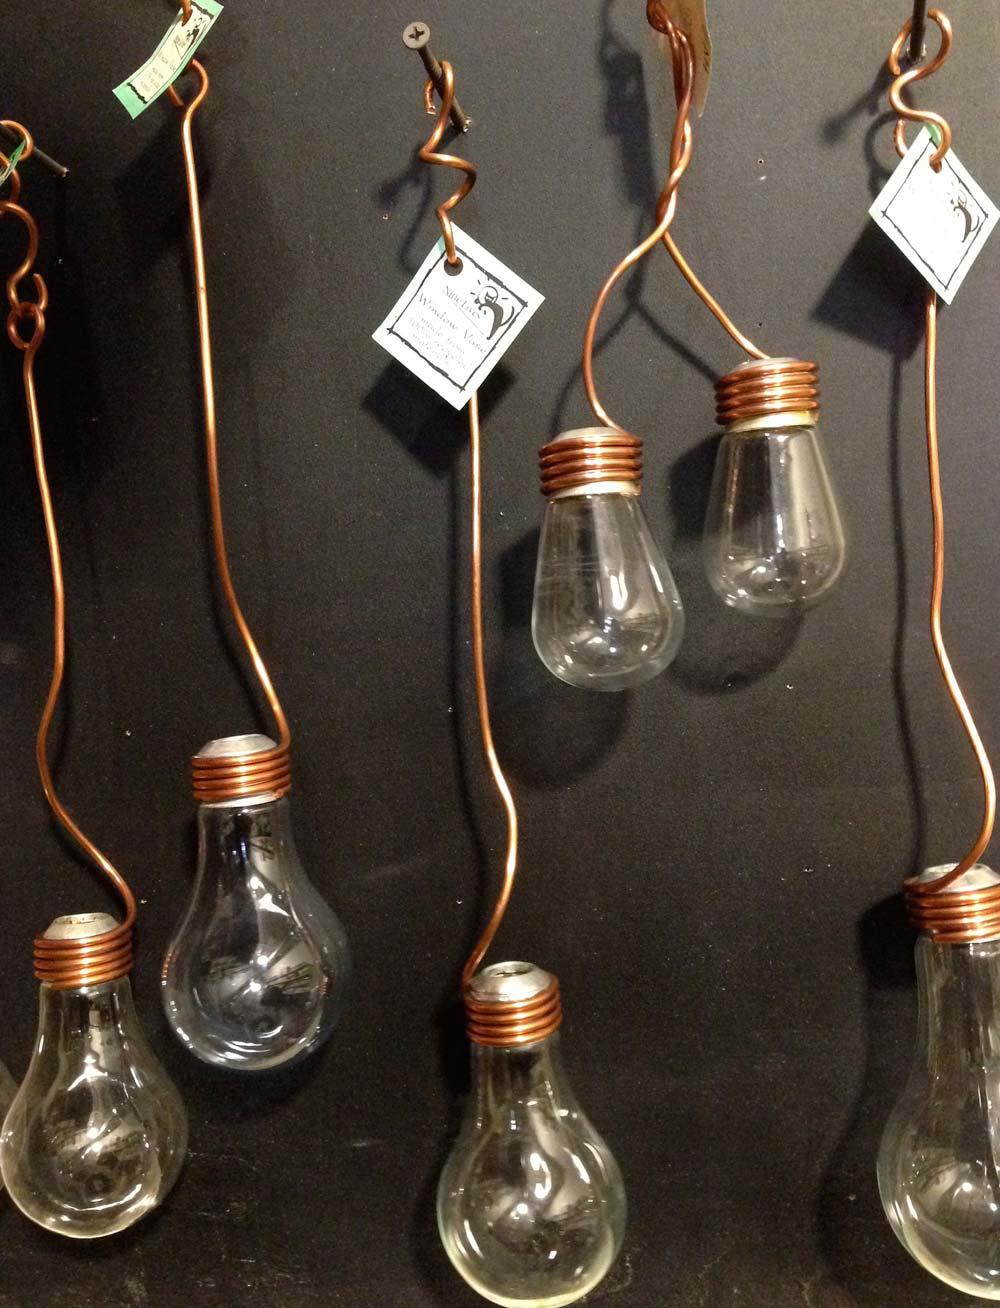 Recycled lightbulb vases, $22-$35, Park + Vine